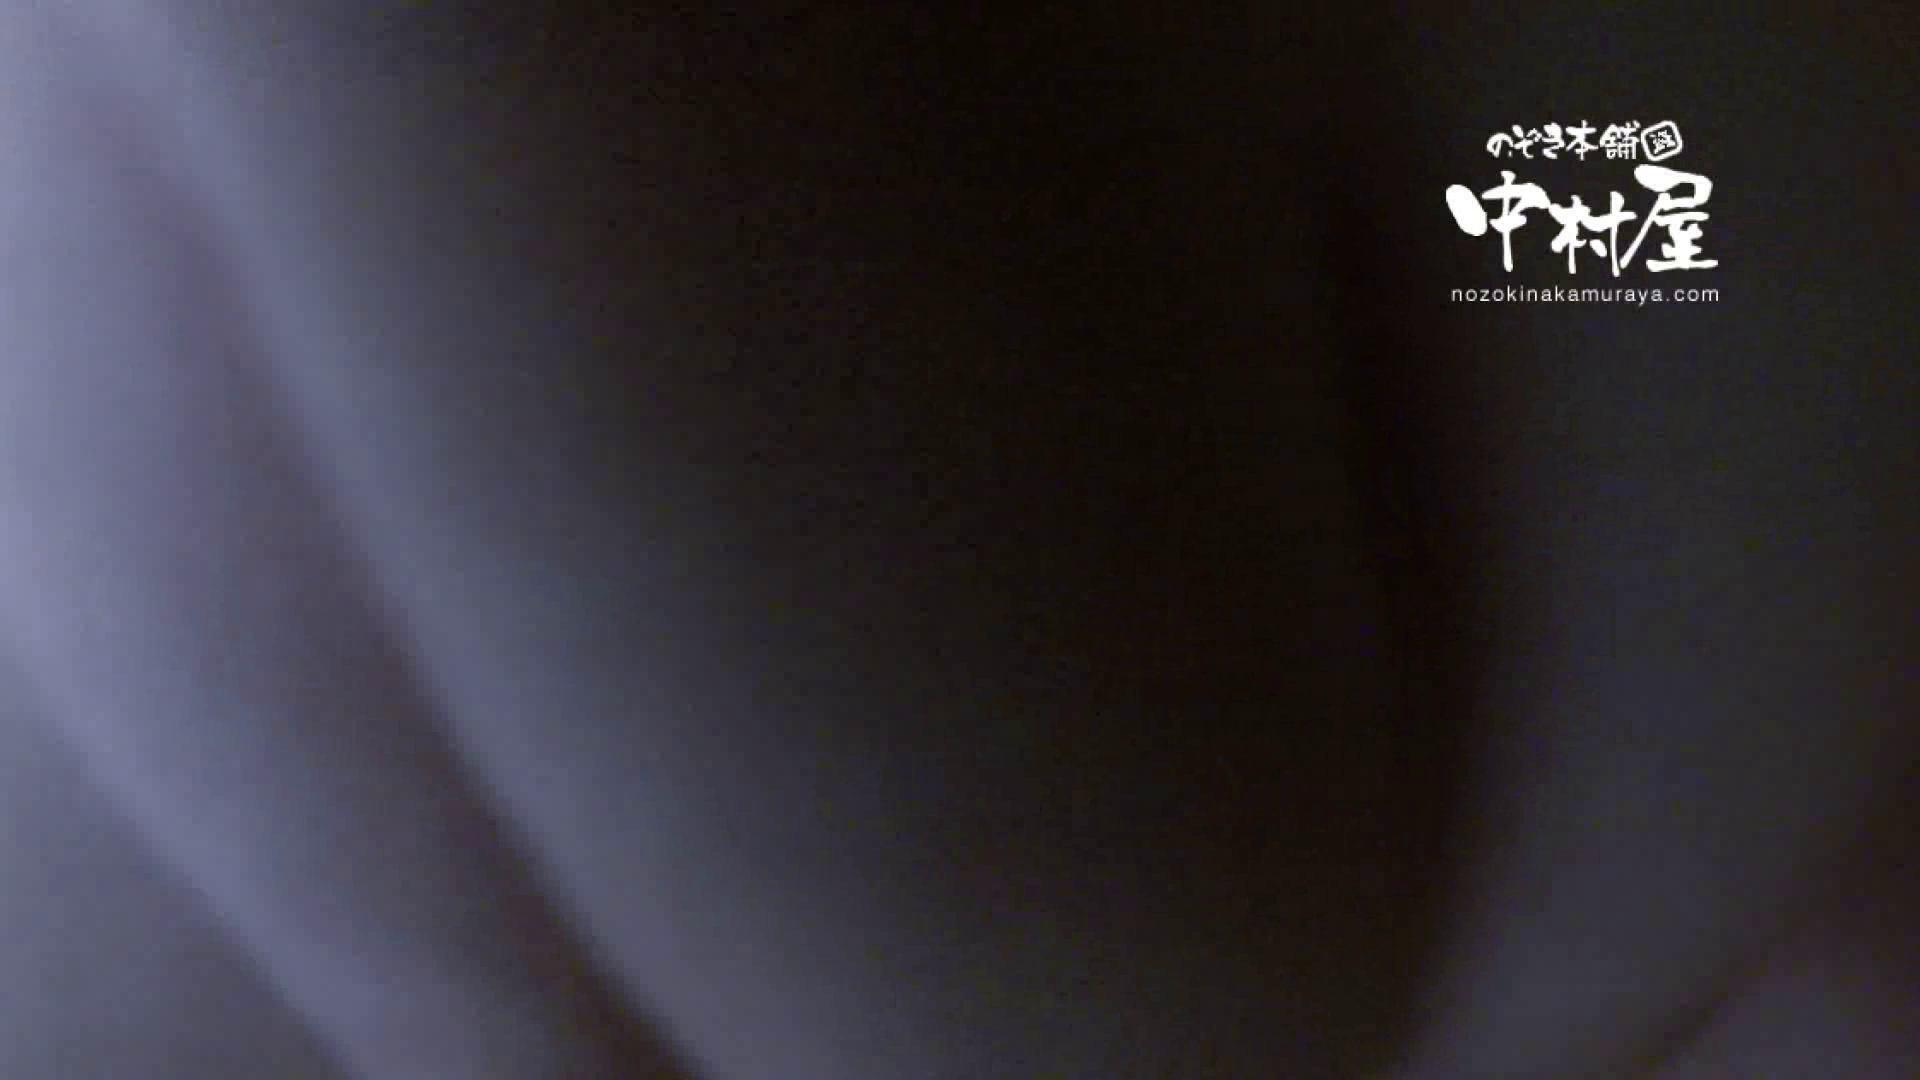 鬼畜 vol.12 剥ぎ取ったら色白でゴウモウだった 後編 鬼畜 | 0  109PIX 15